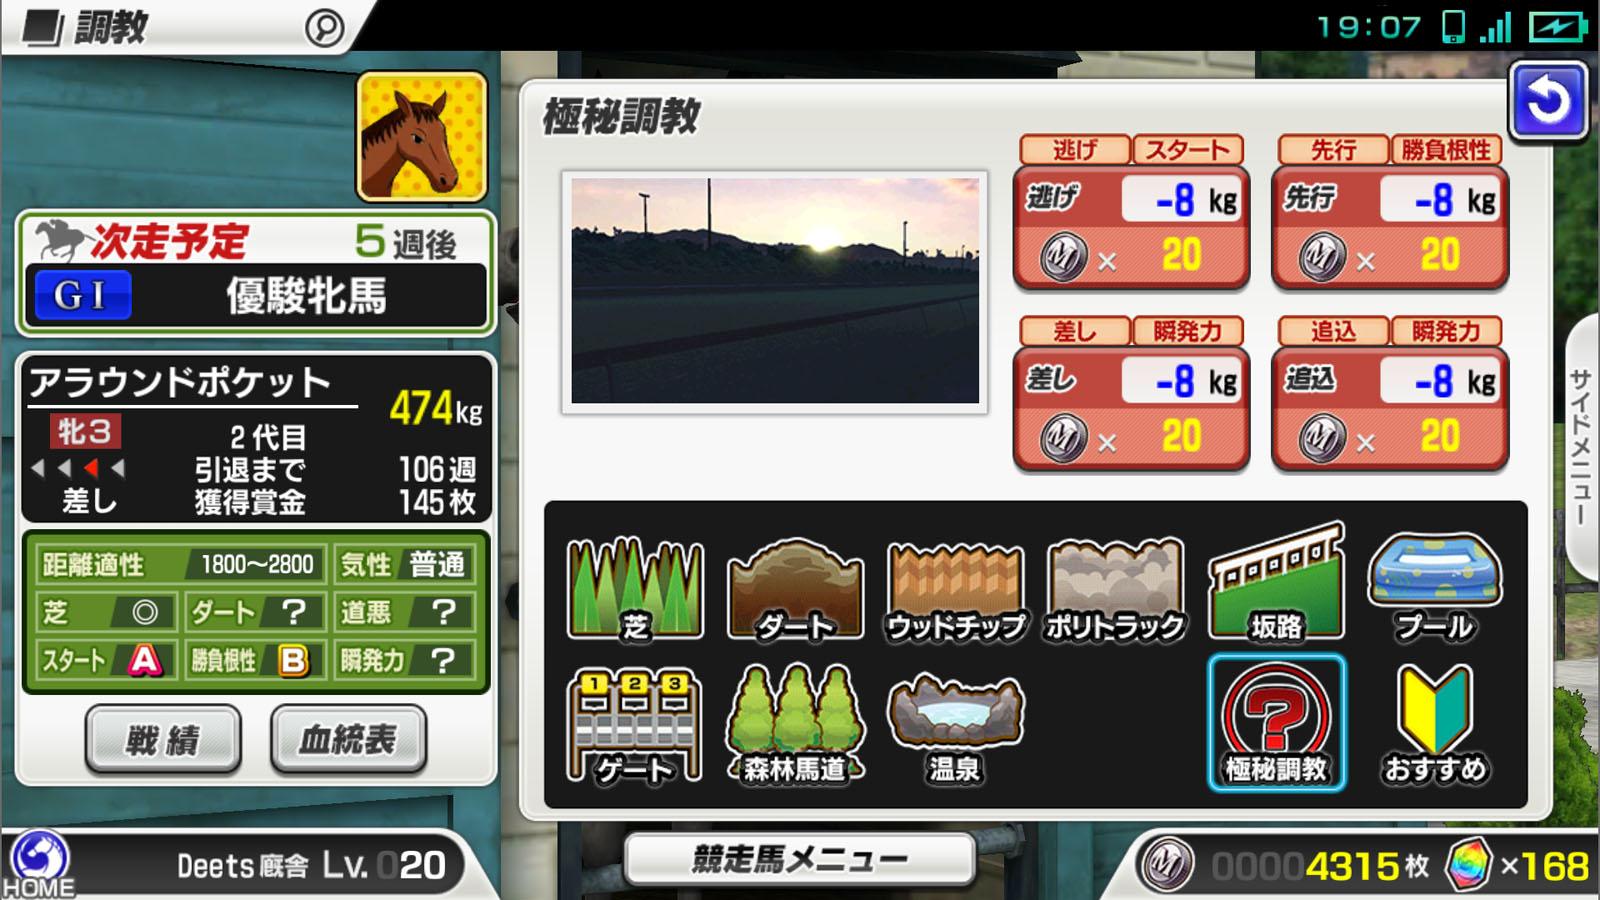 スタポケ【初心者攻略】: レースで勝つために押さえておくべきポイント